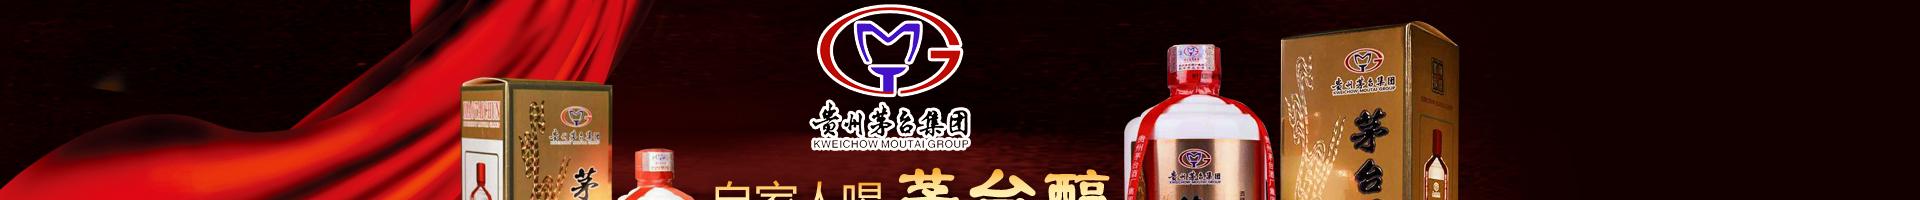 贵州茅台酒厂集团技术开发公司茅台醇(喜迎门)全国运营中心